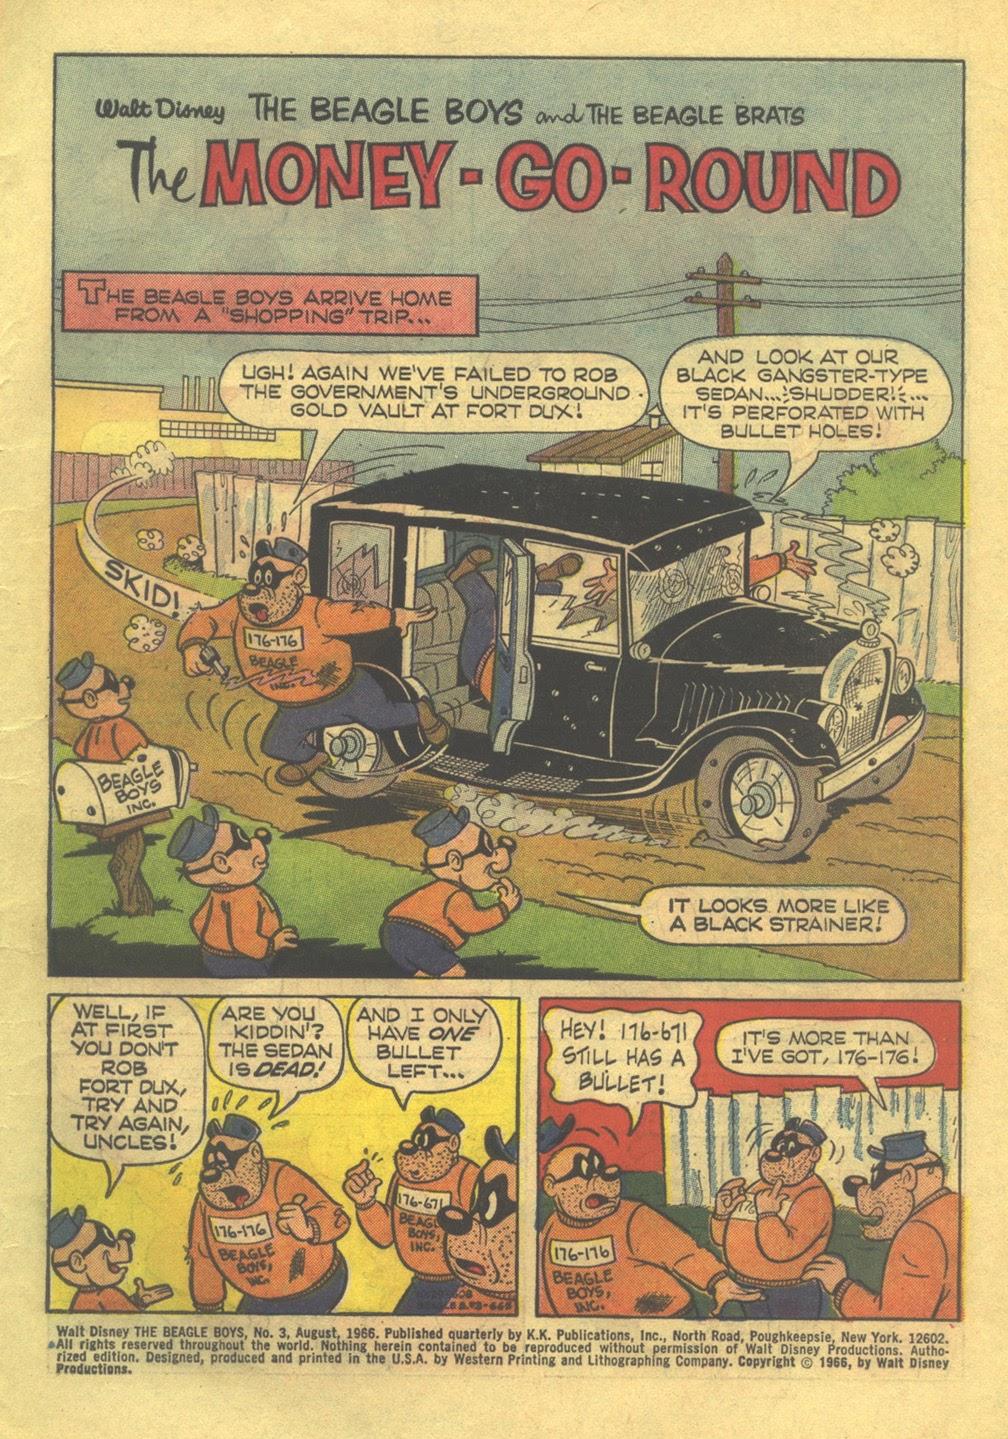 Walt Disney THE BEAGLE BOYS issue 3 - Page 3